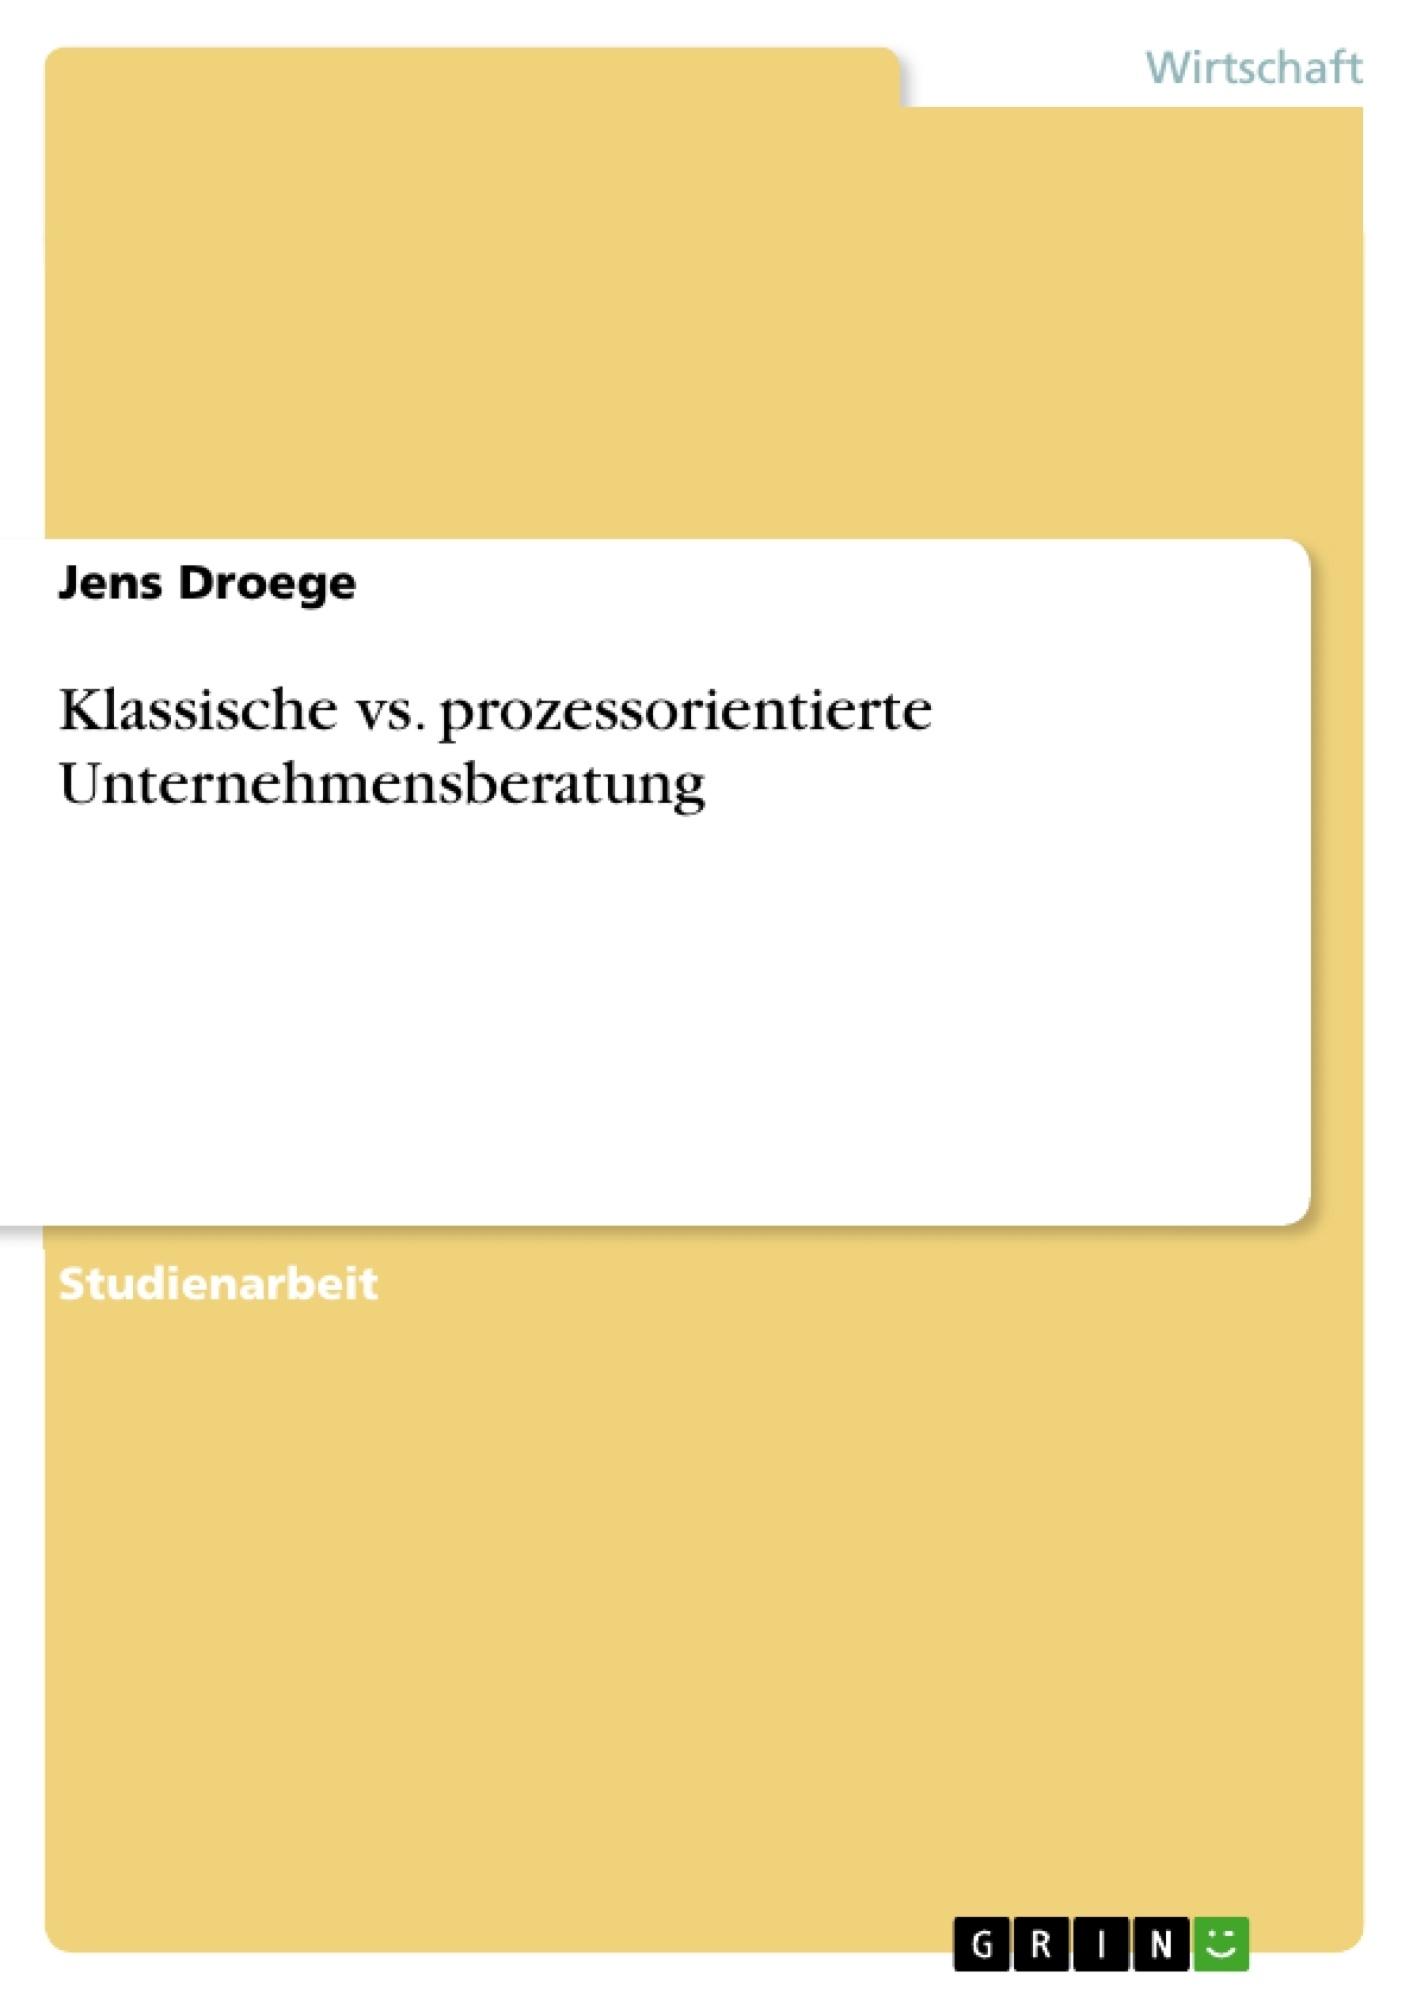 Titel: Klassische vs. prozessorientierte Unternehmensberatung